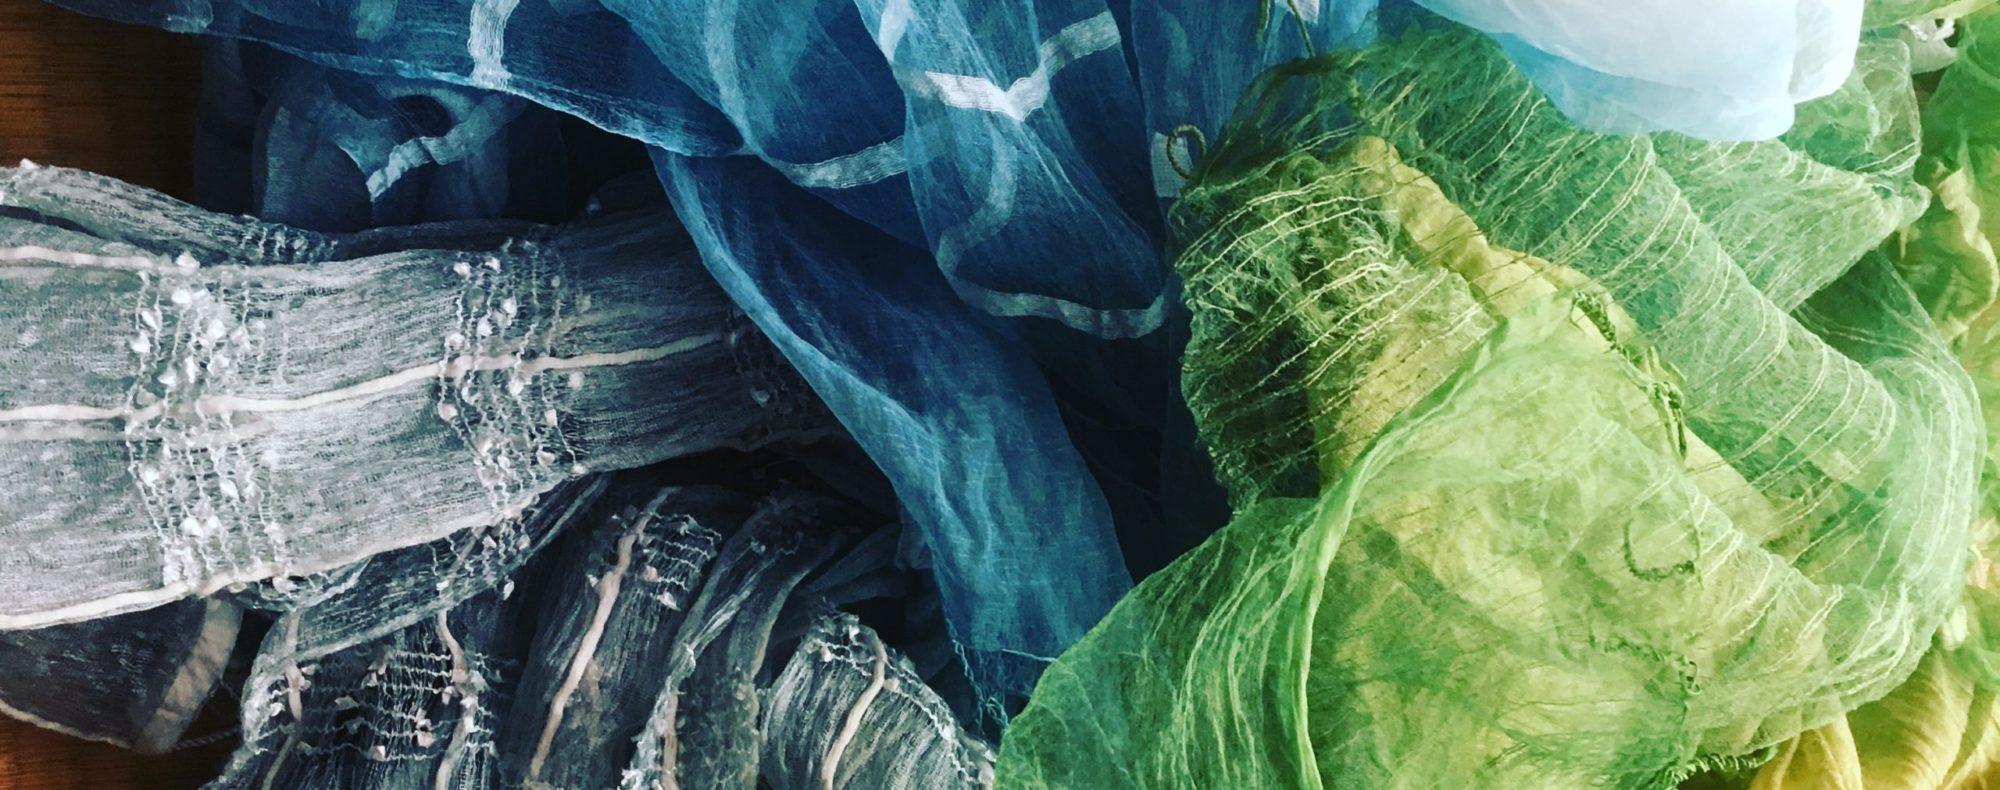 Hozu ままやの藍の生葉染と草木染のシルクショール